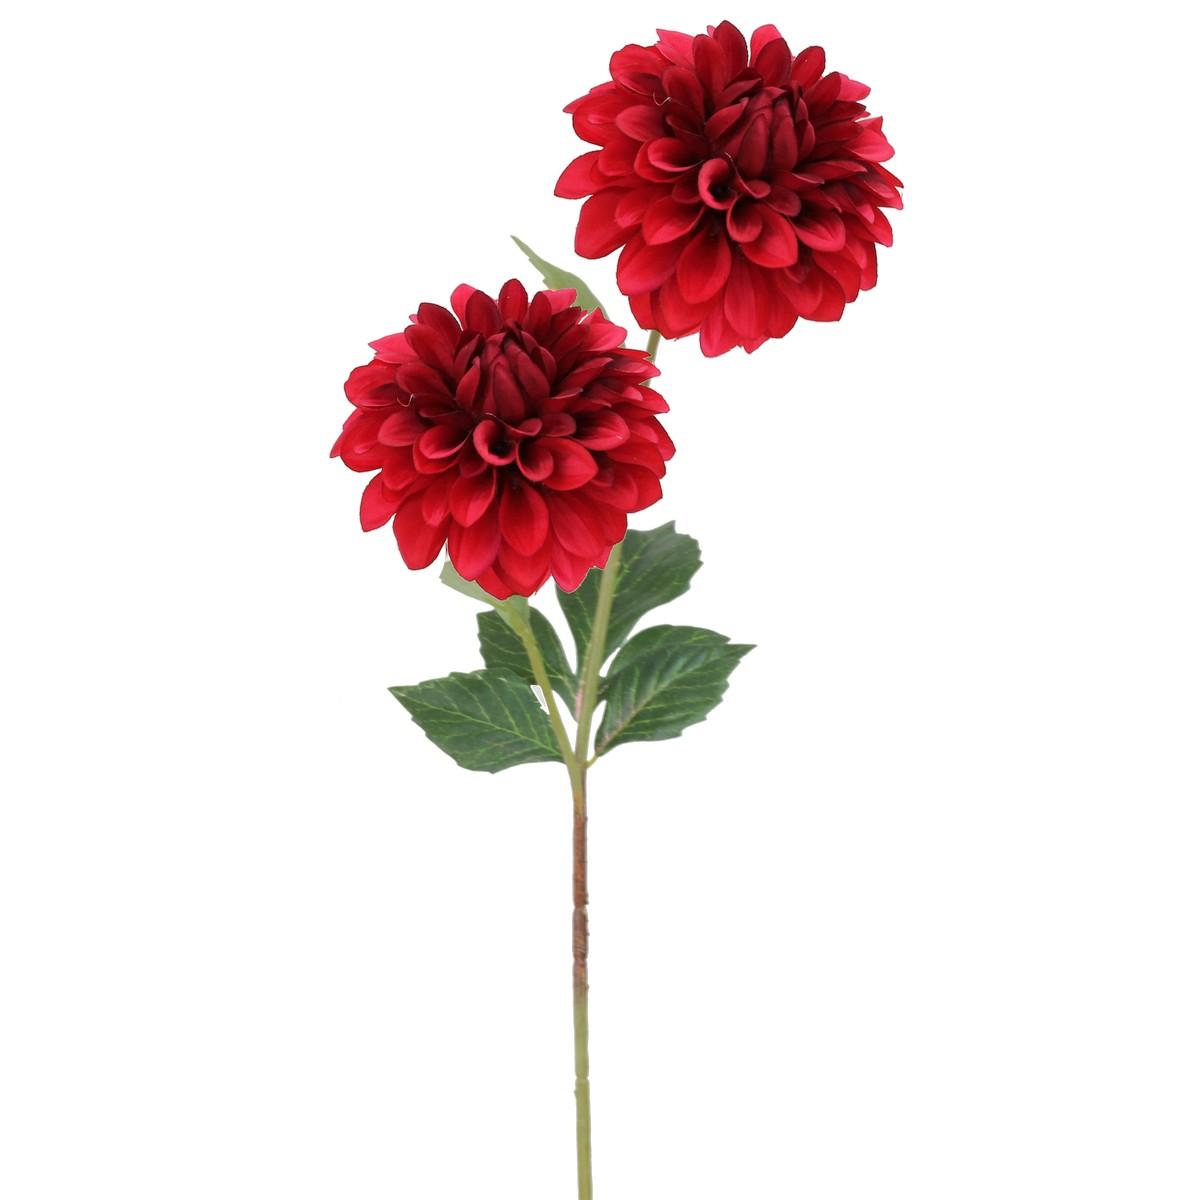 【造花】パレ/ダリアスプレー レッド/P-8291-50【01】【取寄】[12本]《 造花(アーティフィシャルフラワー) 造花 花材「た行」 ダリア 》